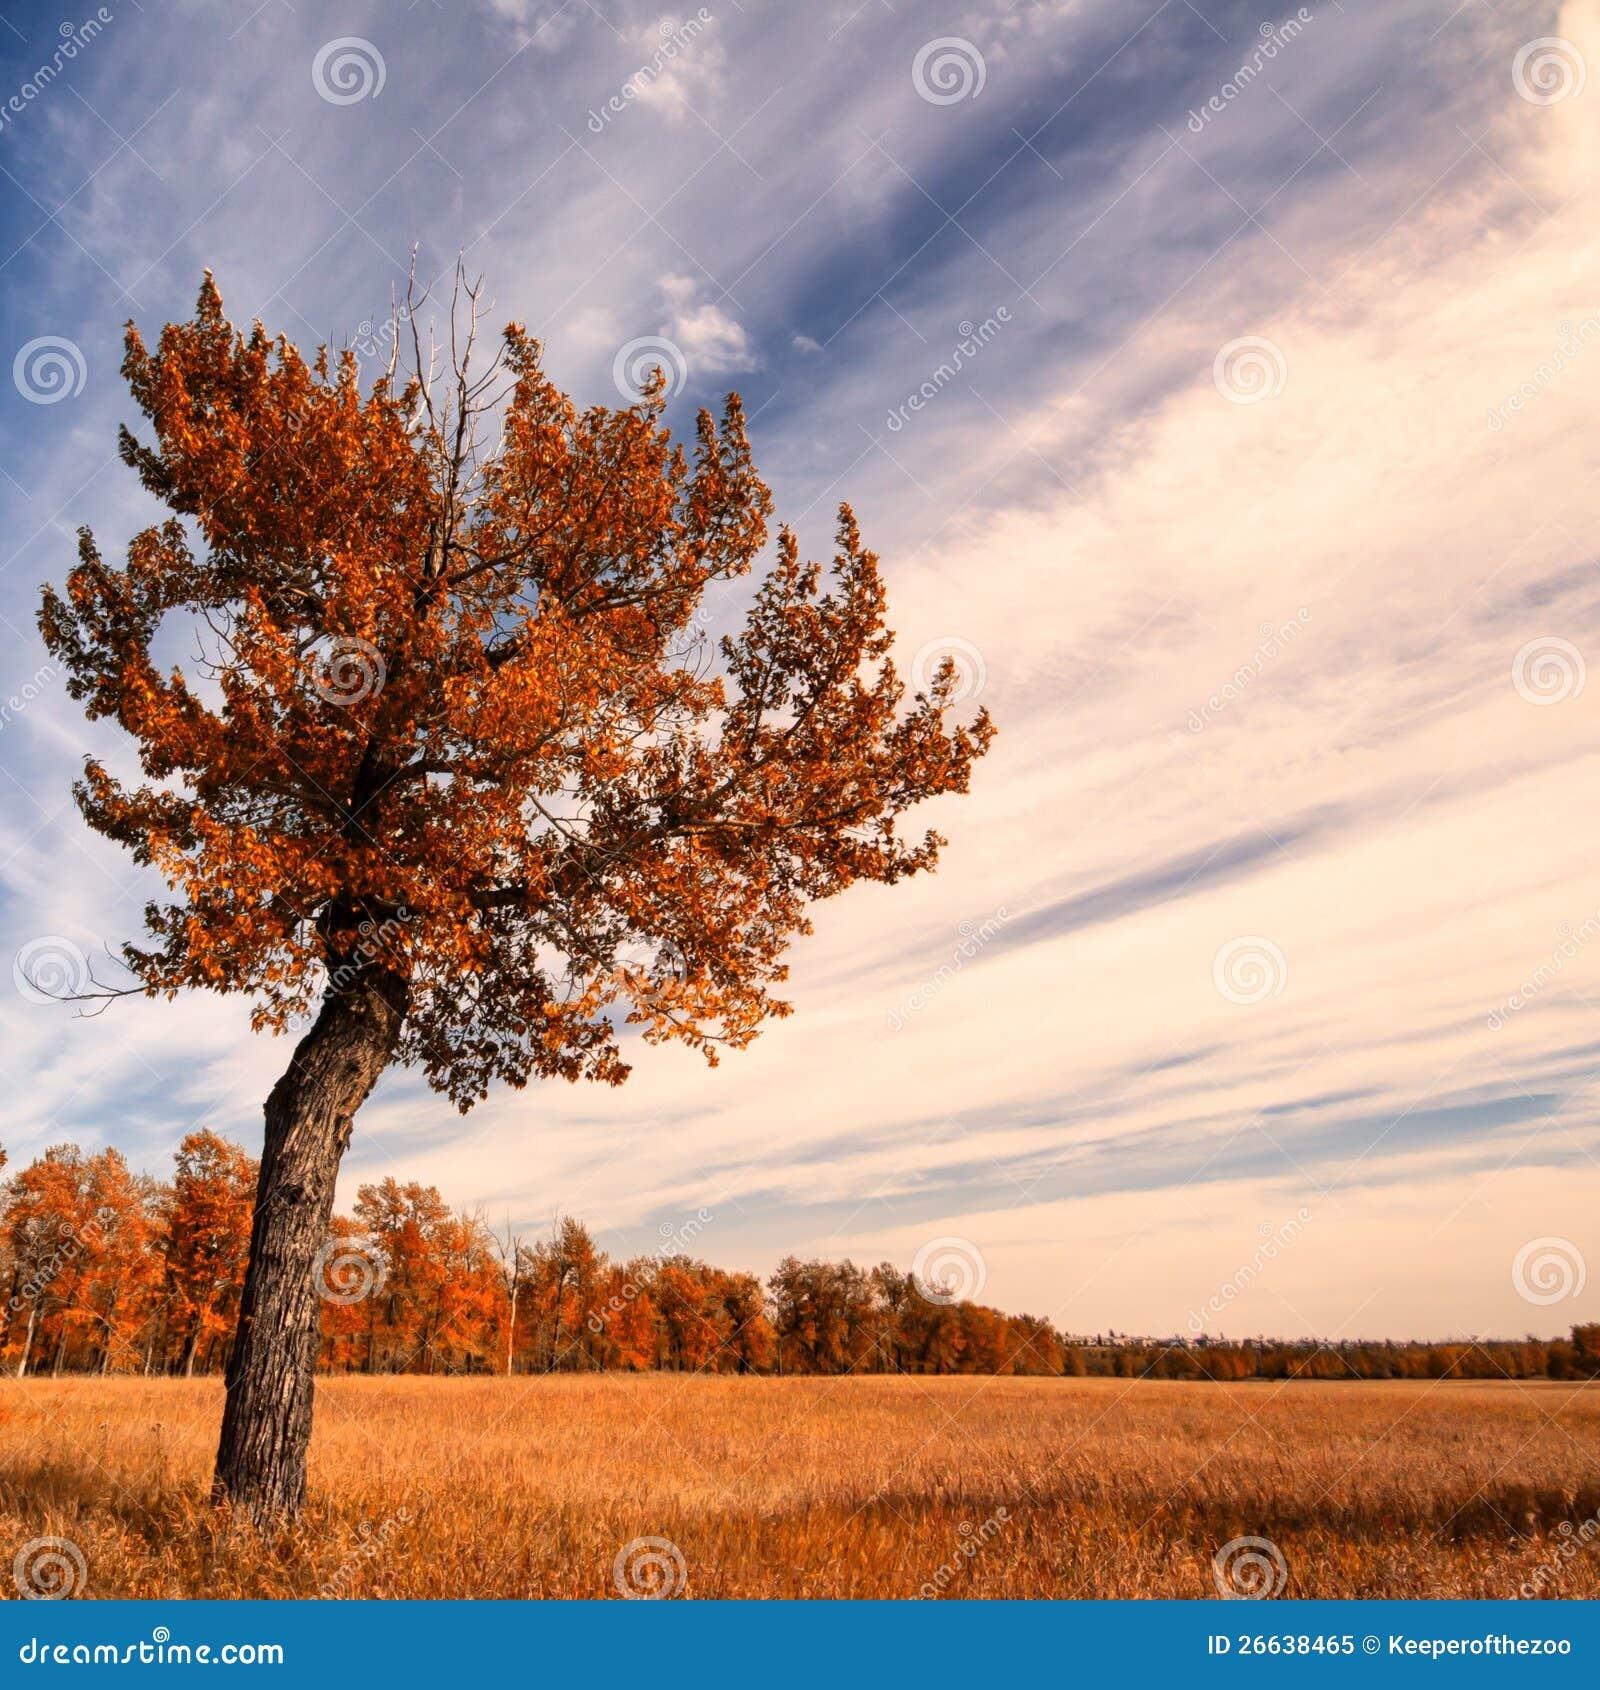 Einsamer Baum mit einem Herbst-Himmel